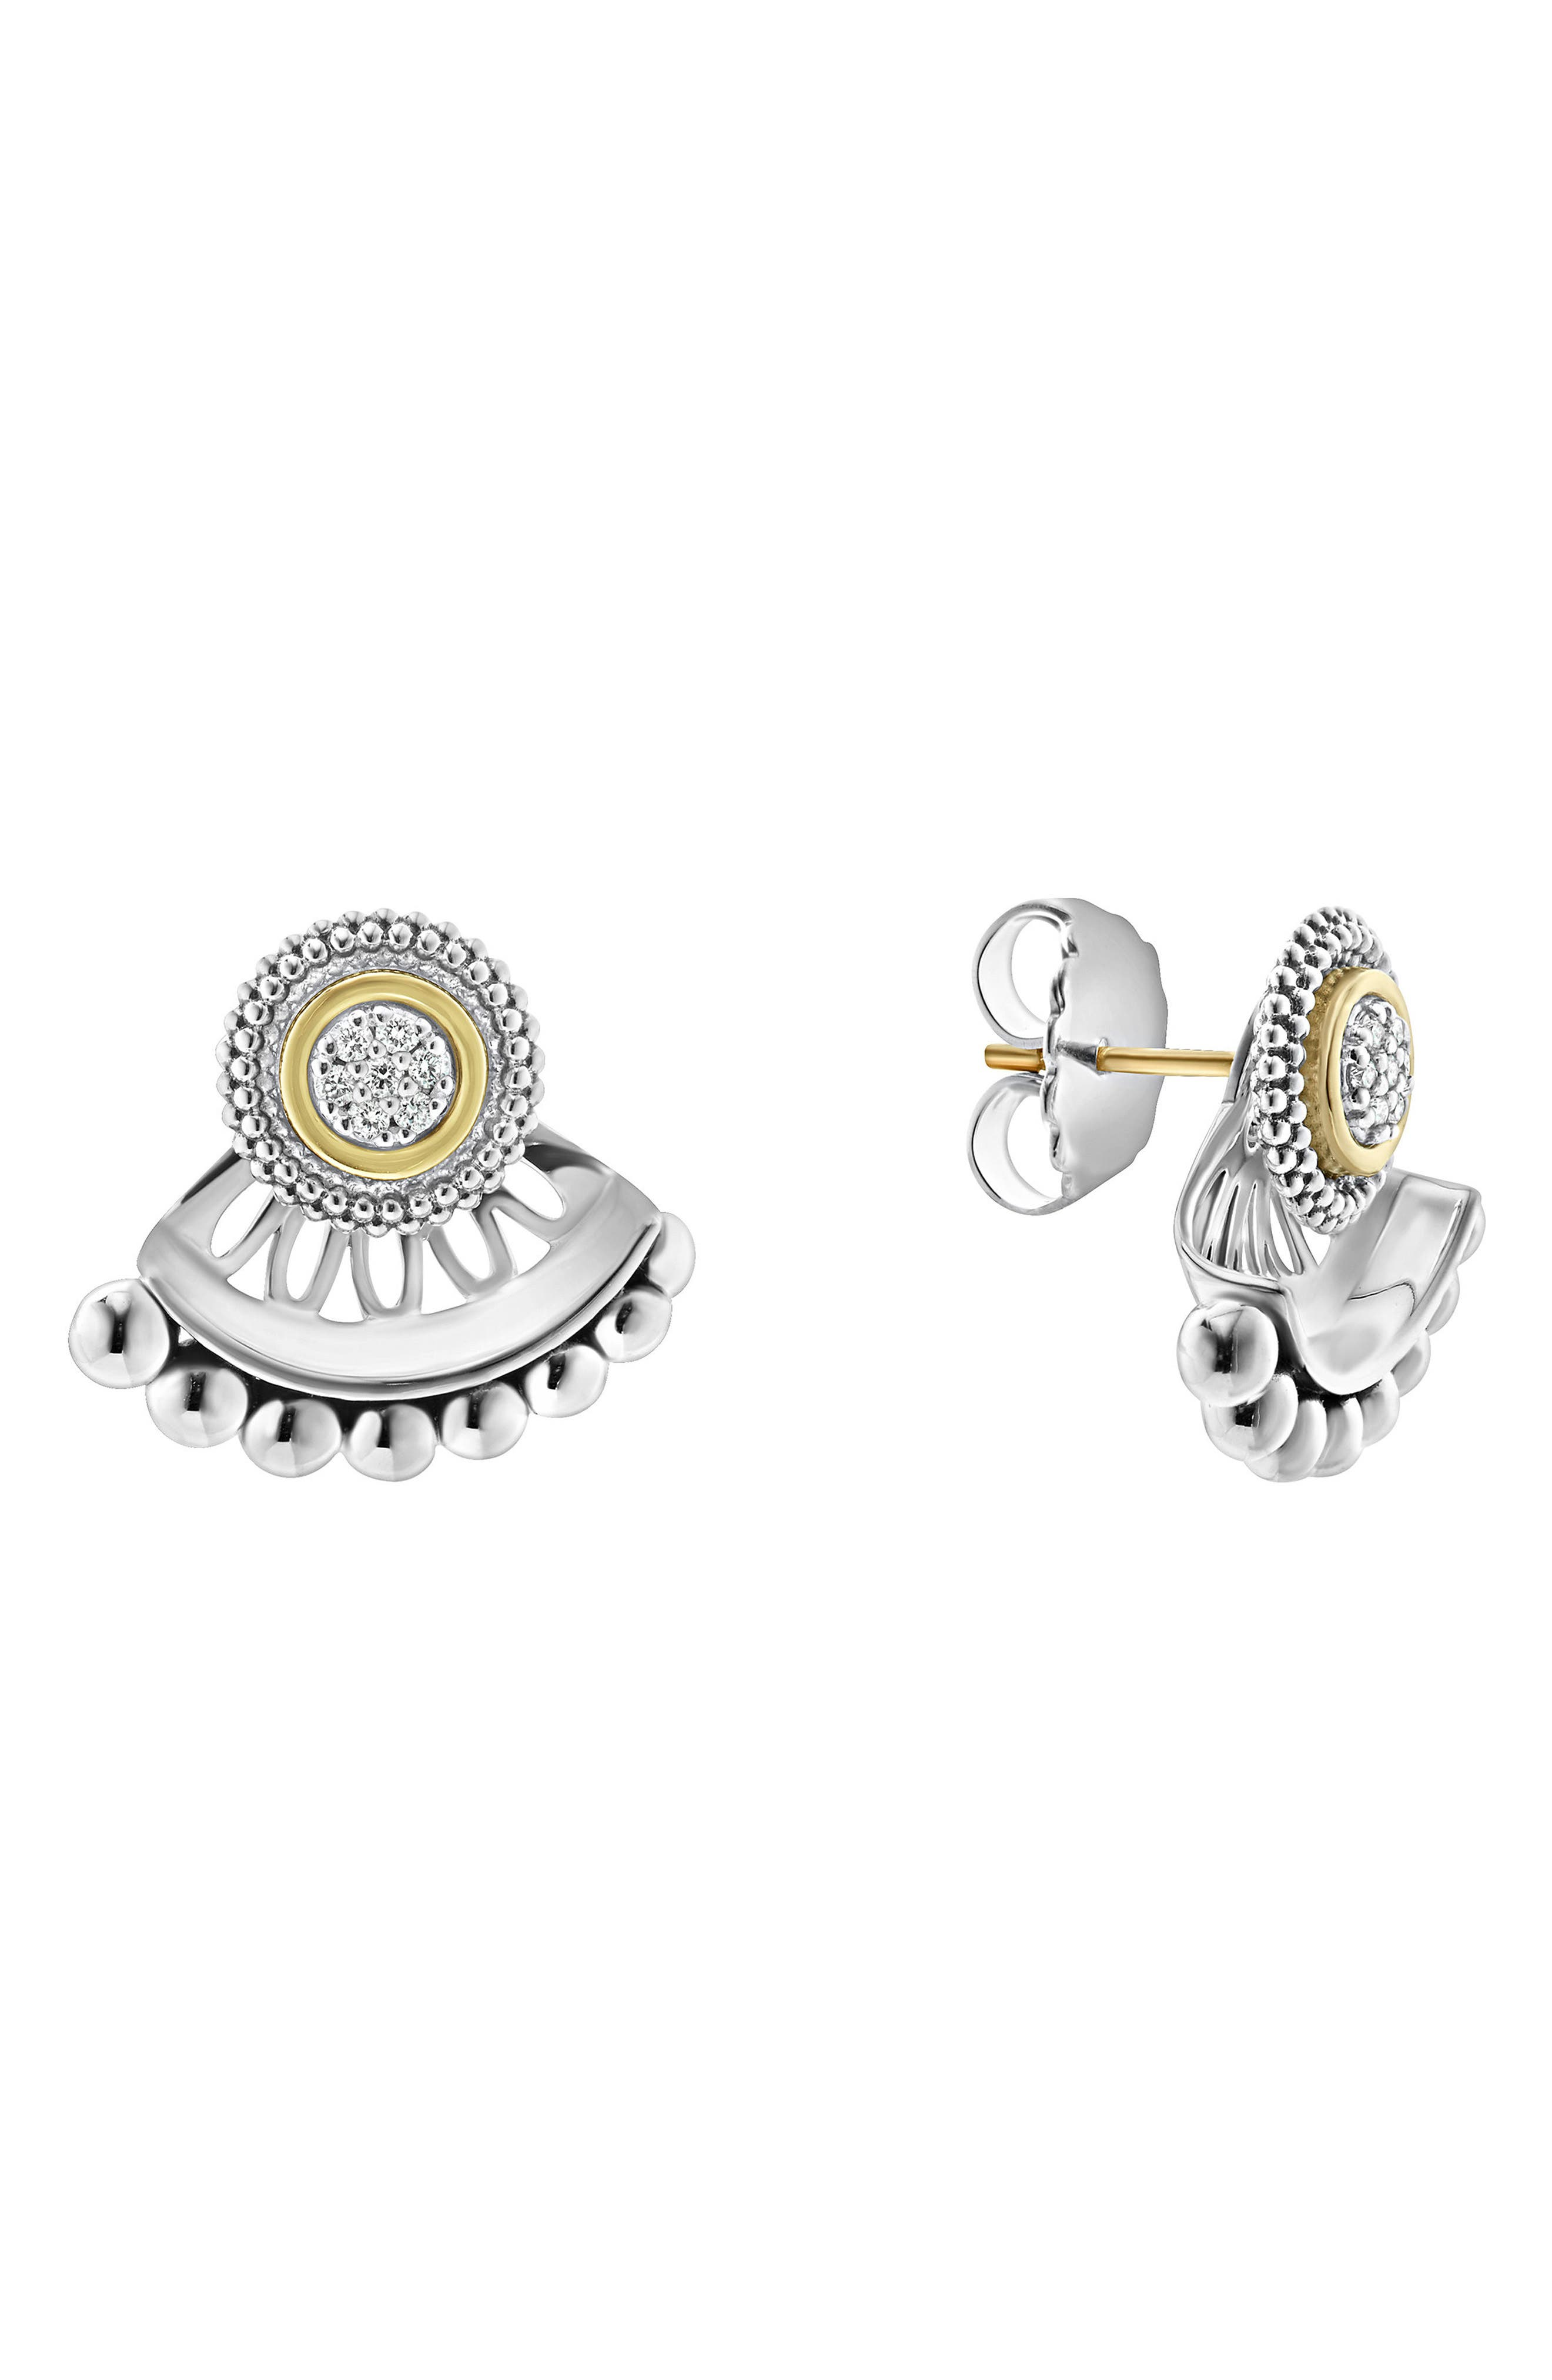 Main Image - LAGOS Caviar Diamond Stud Earrings